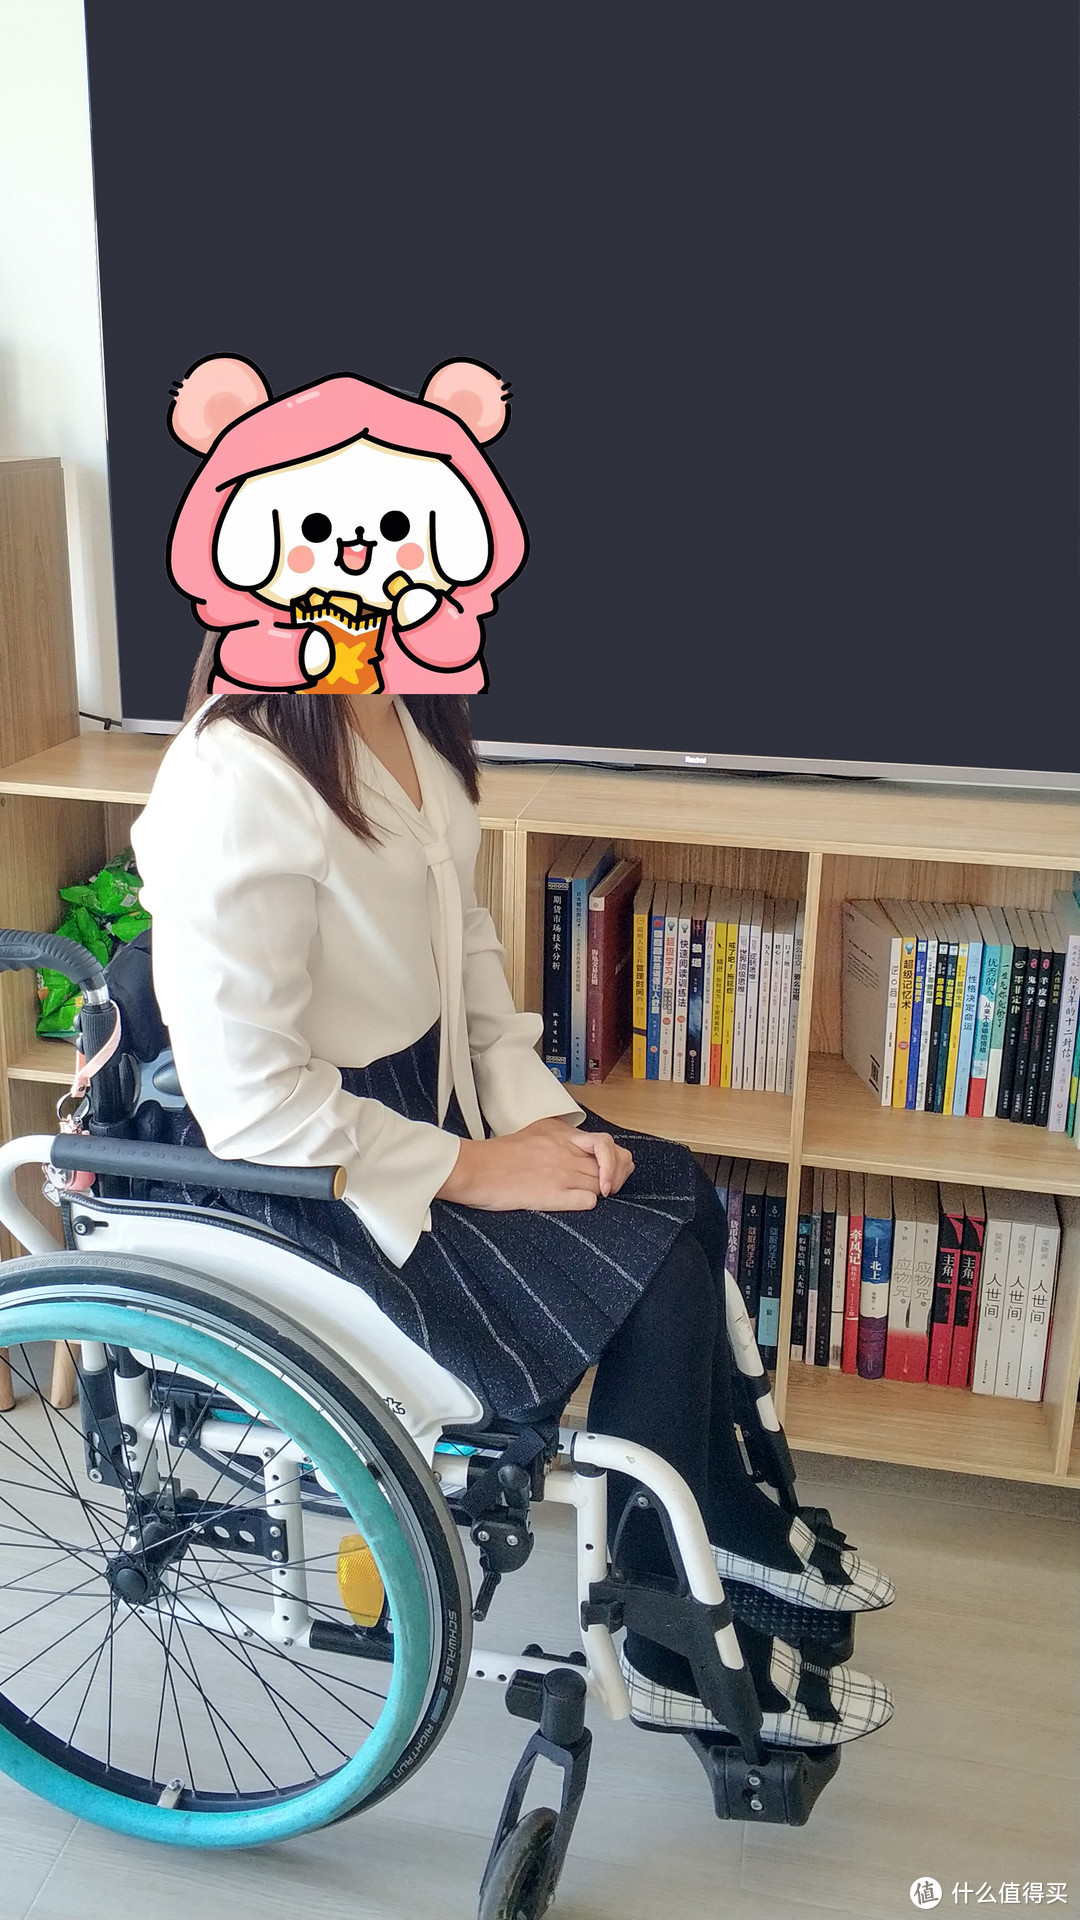 轮椅上的穿搭 篇五:一本正经,夏日严肃三件套